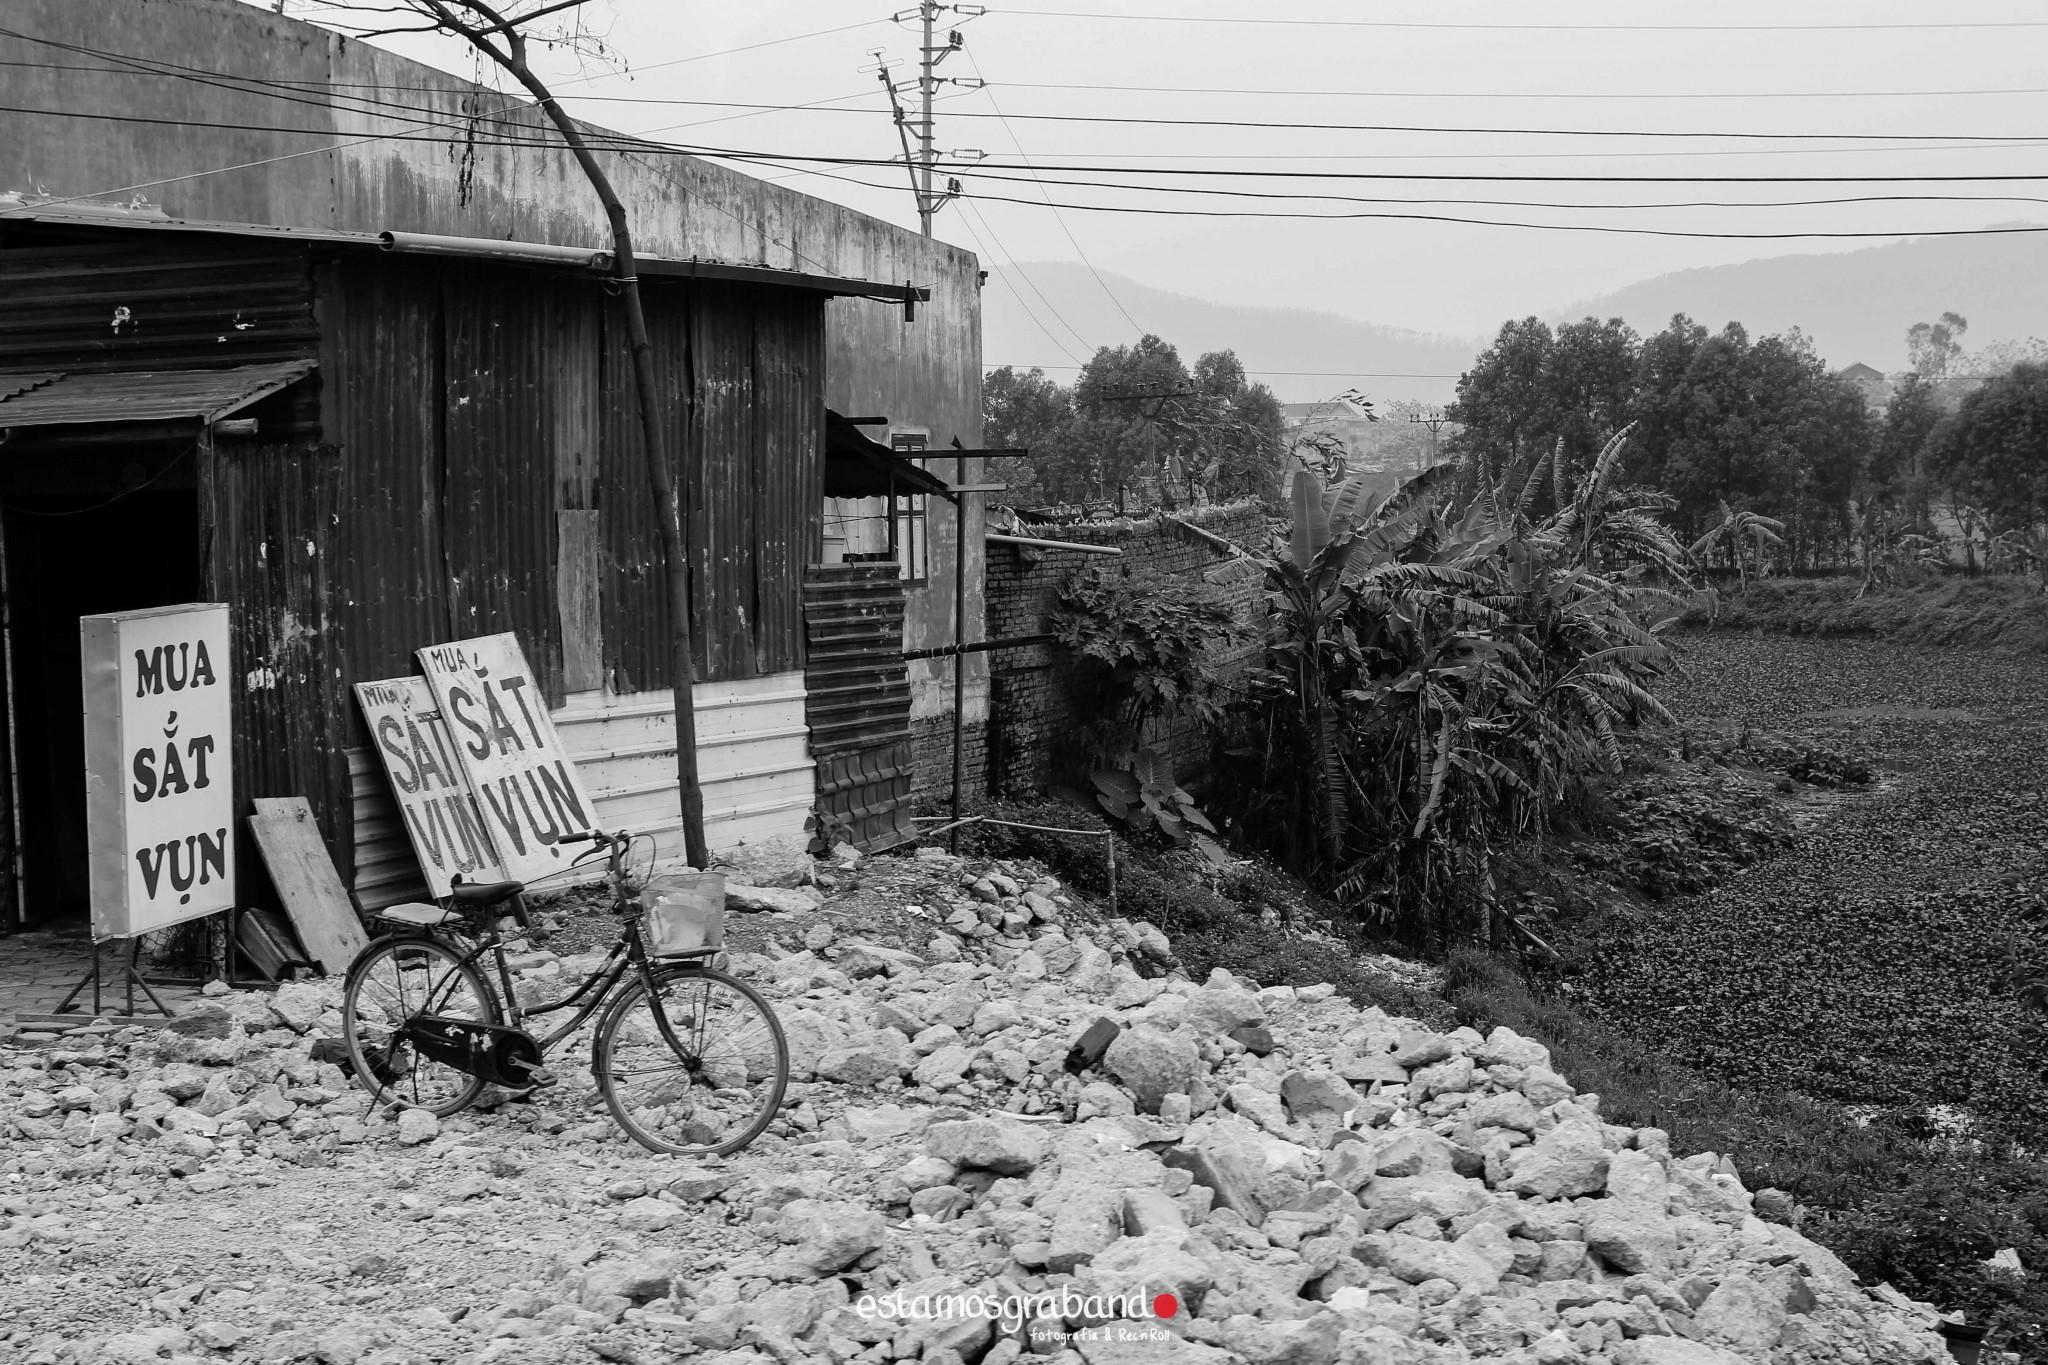 reportaje-vietnam_fotograficc81a-vietnam_estamosgrabando-vietnam_rutasvietnam_reportaje-retratos-fotos-vietnam_fotografia-vietnam_reportaje-estamosgrabando-fotograficc81a-vietnam-39 Pequeños grandes recuerdos de Vietnam en 100 imágenes - video boda cadiz